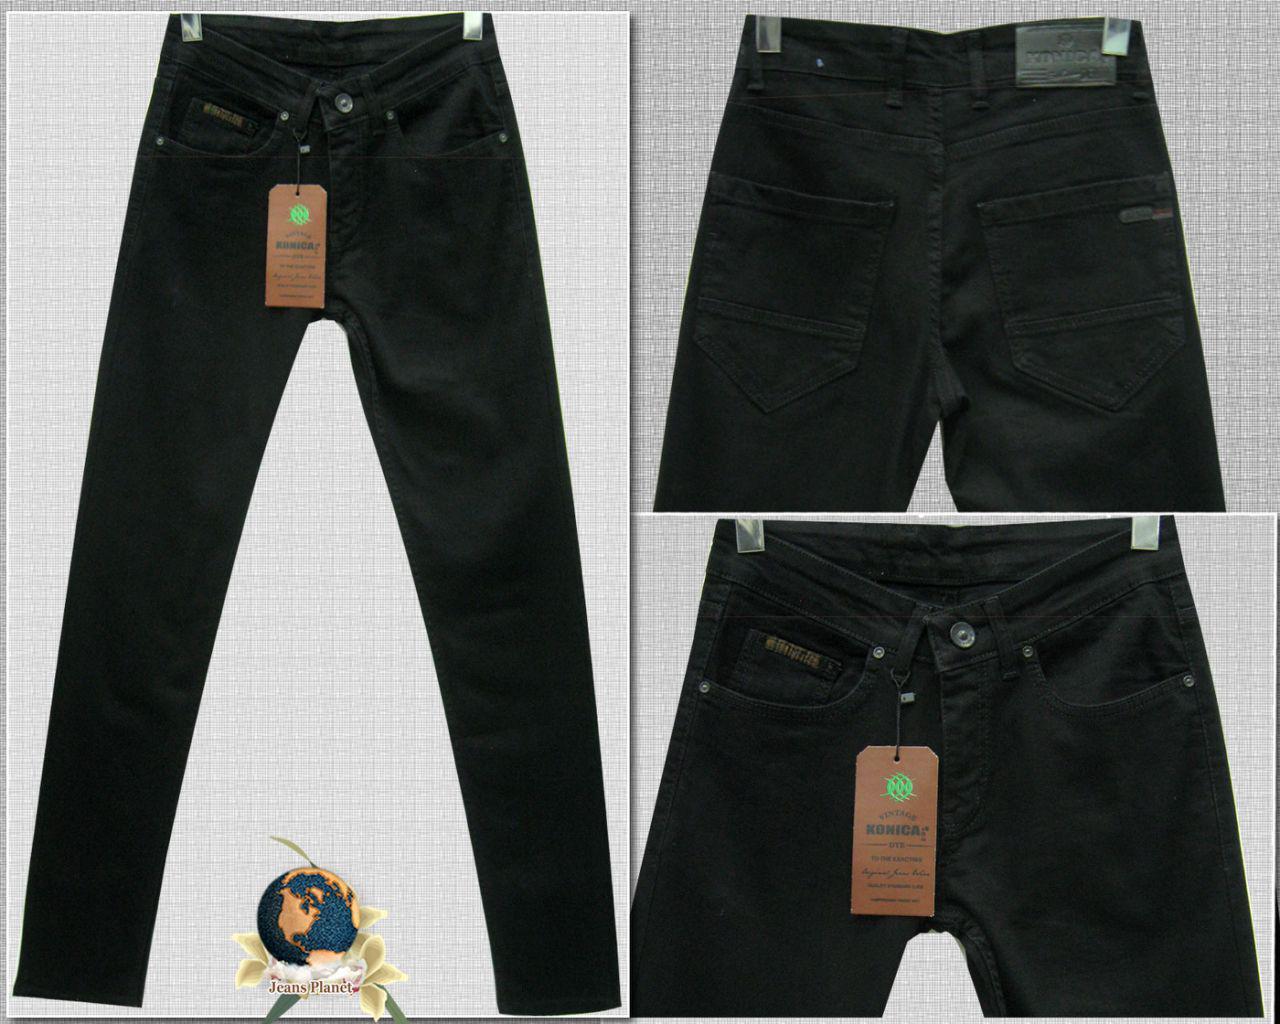 386183b36c2 Модные мужские зауженные джинсы однотонного чёрного цвета